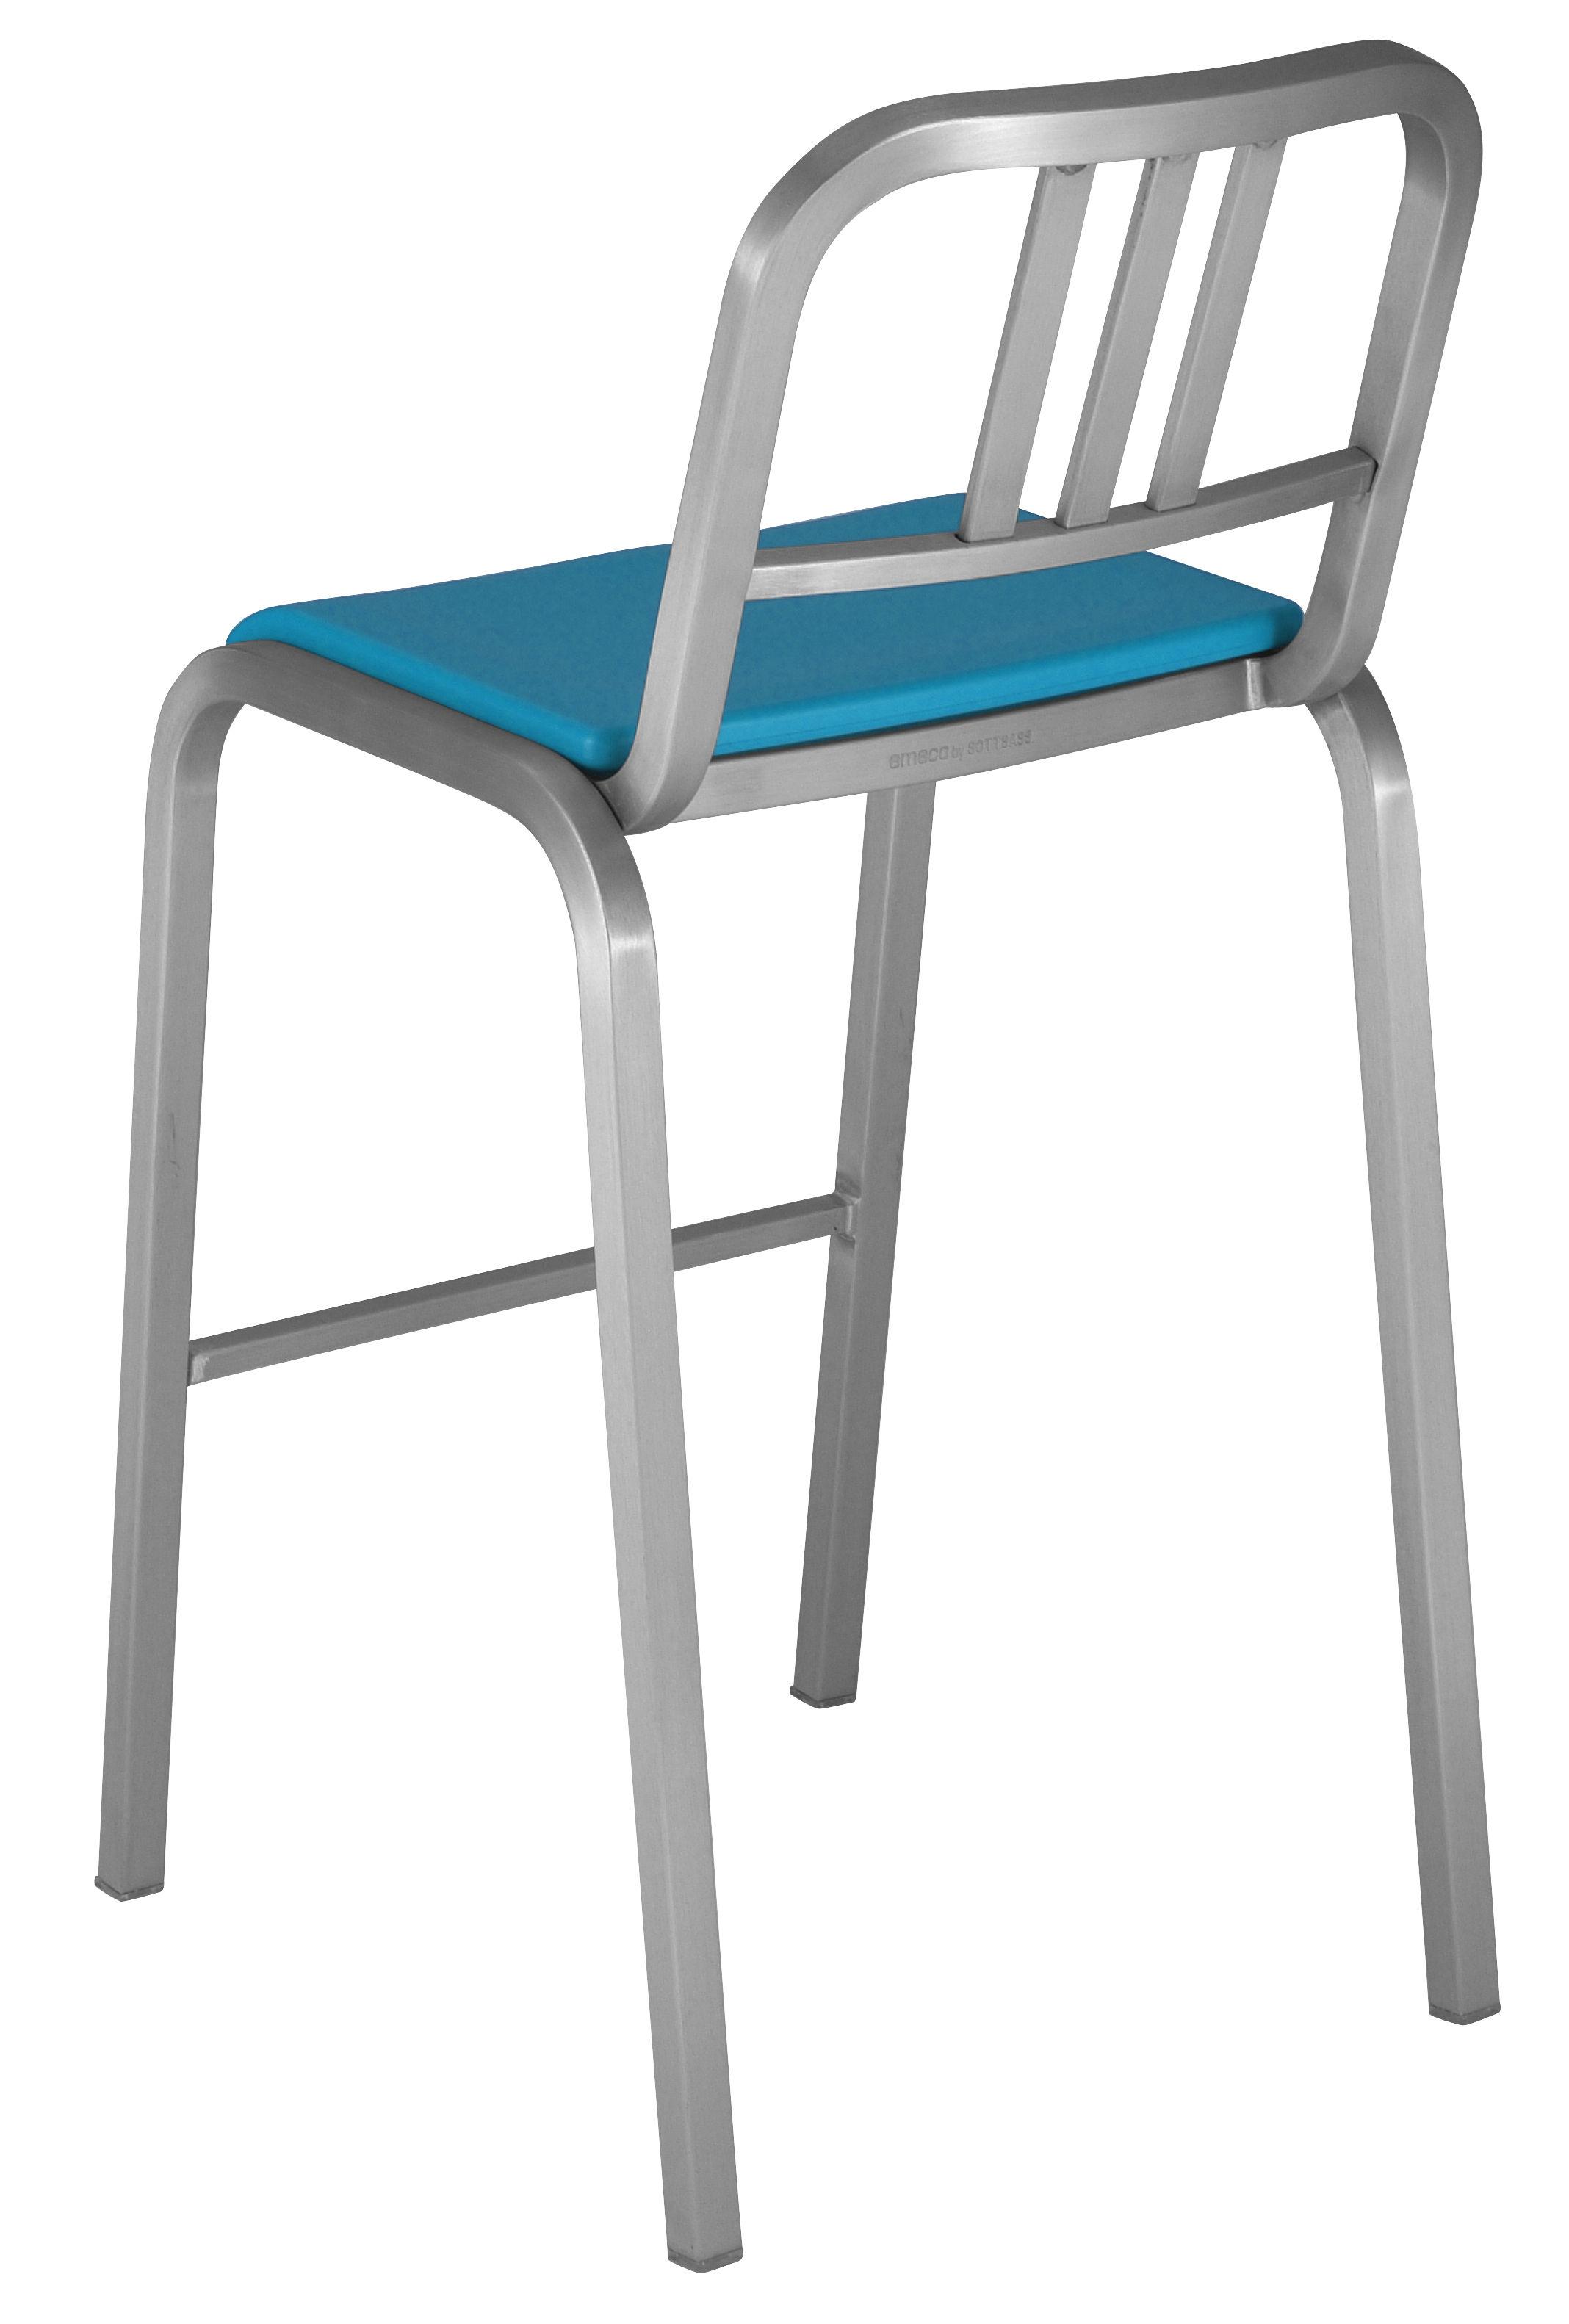 Arredamento - Sgabelli da bar  - Sedia da bar Nine-O - h 75 cm di Emeco - Alluminio opaco / Blu - Alluminio, Poliuretano